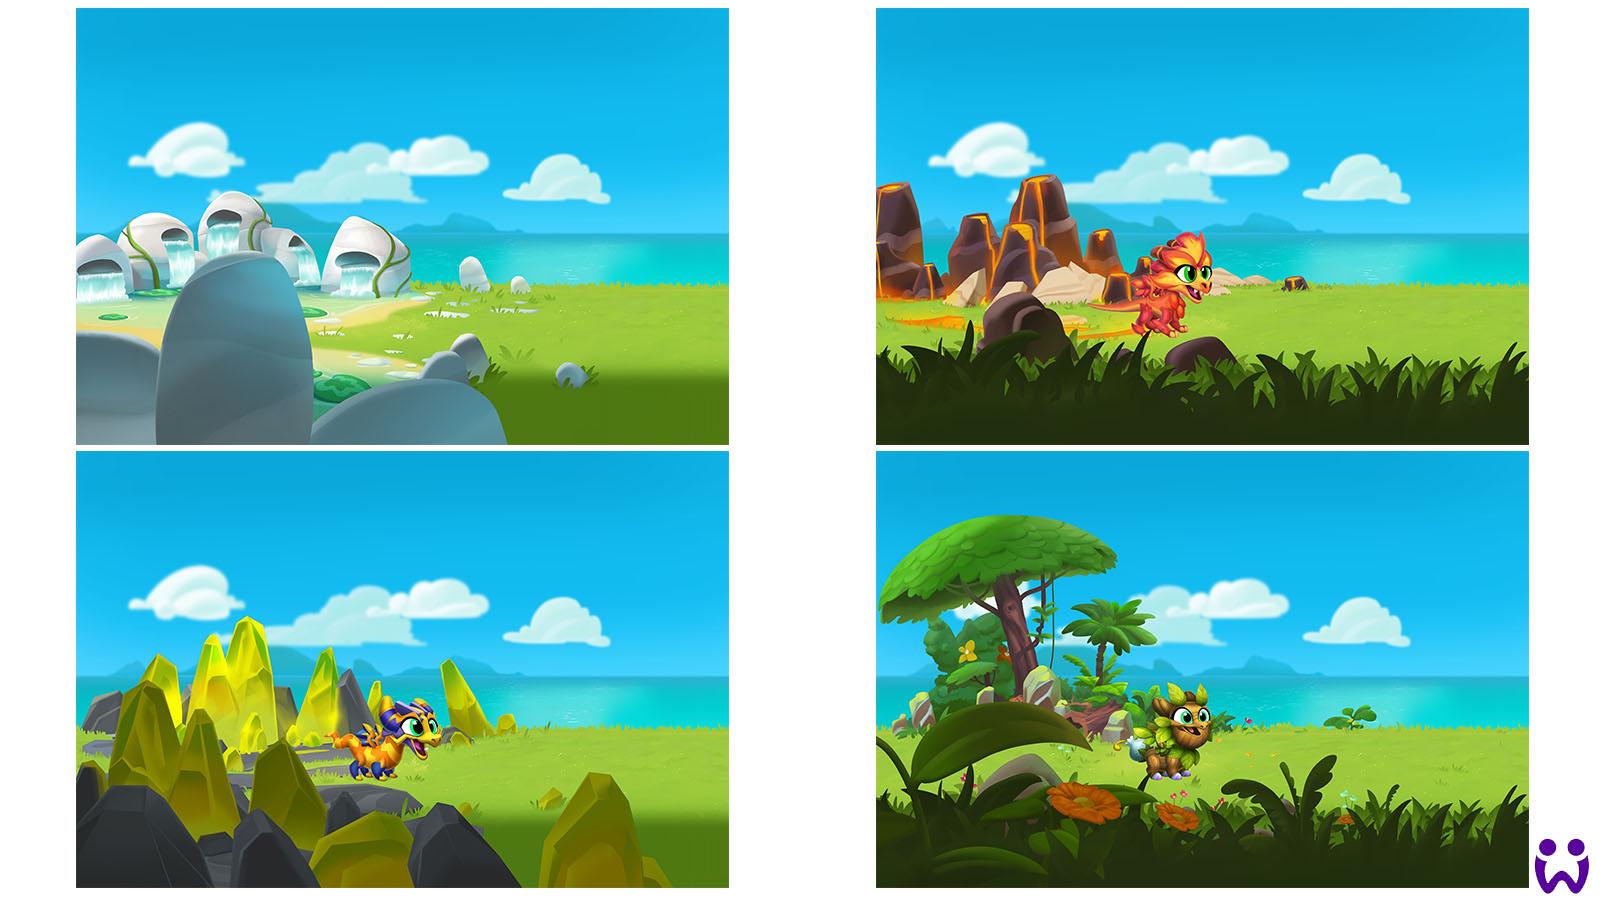 """18 von 25, Von mir erstellte Szenenhintergründe zur Interaktion mit Wonderlingen. Für das Mobilegame """"Wonderlings"""" von Wooga"""